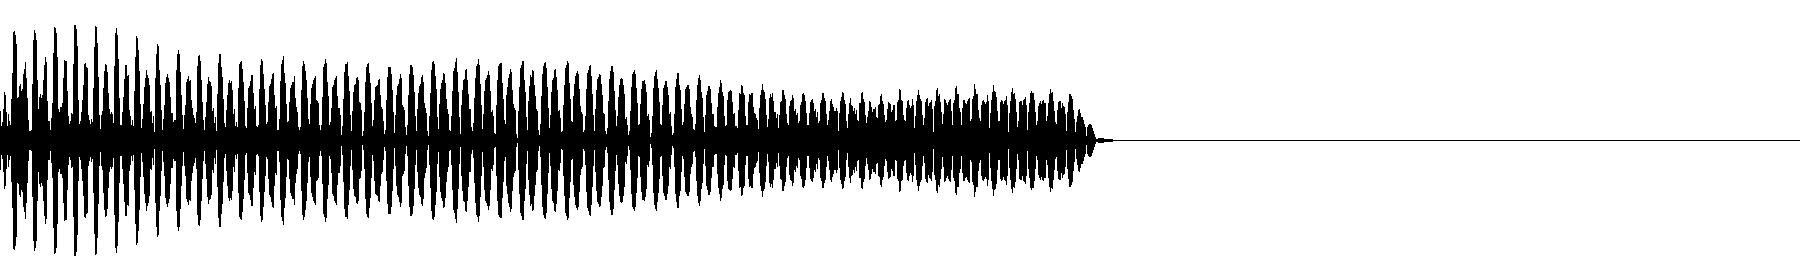 gia sound 18 f3